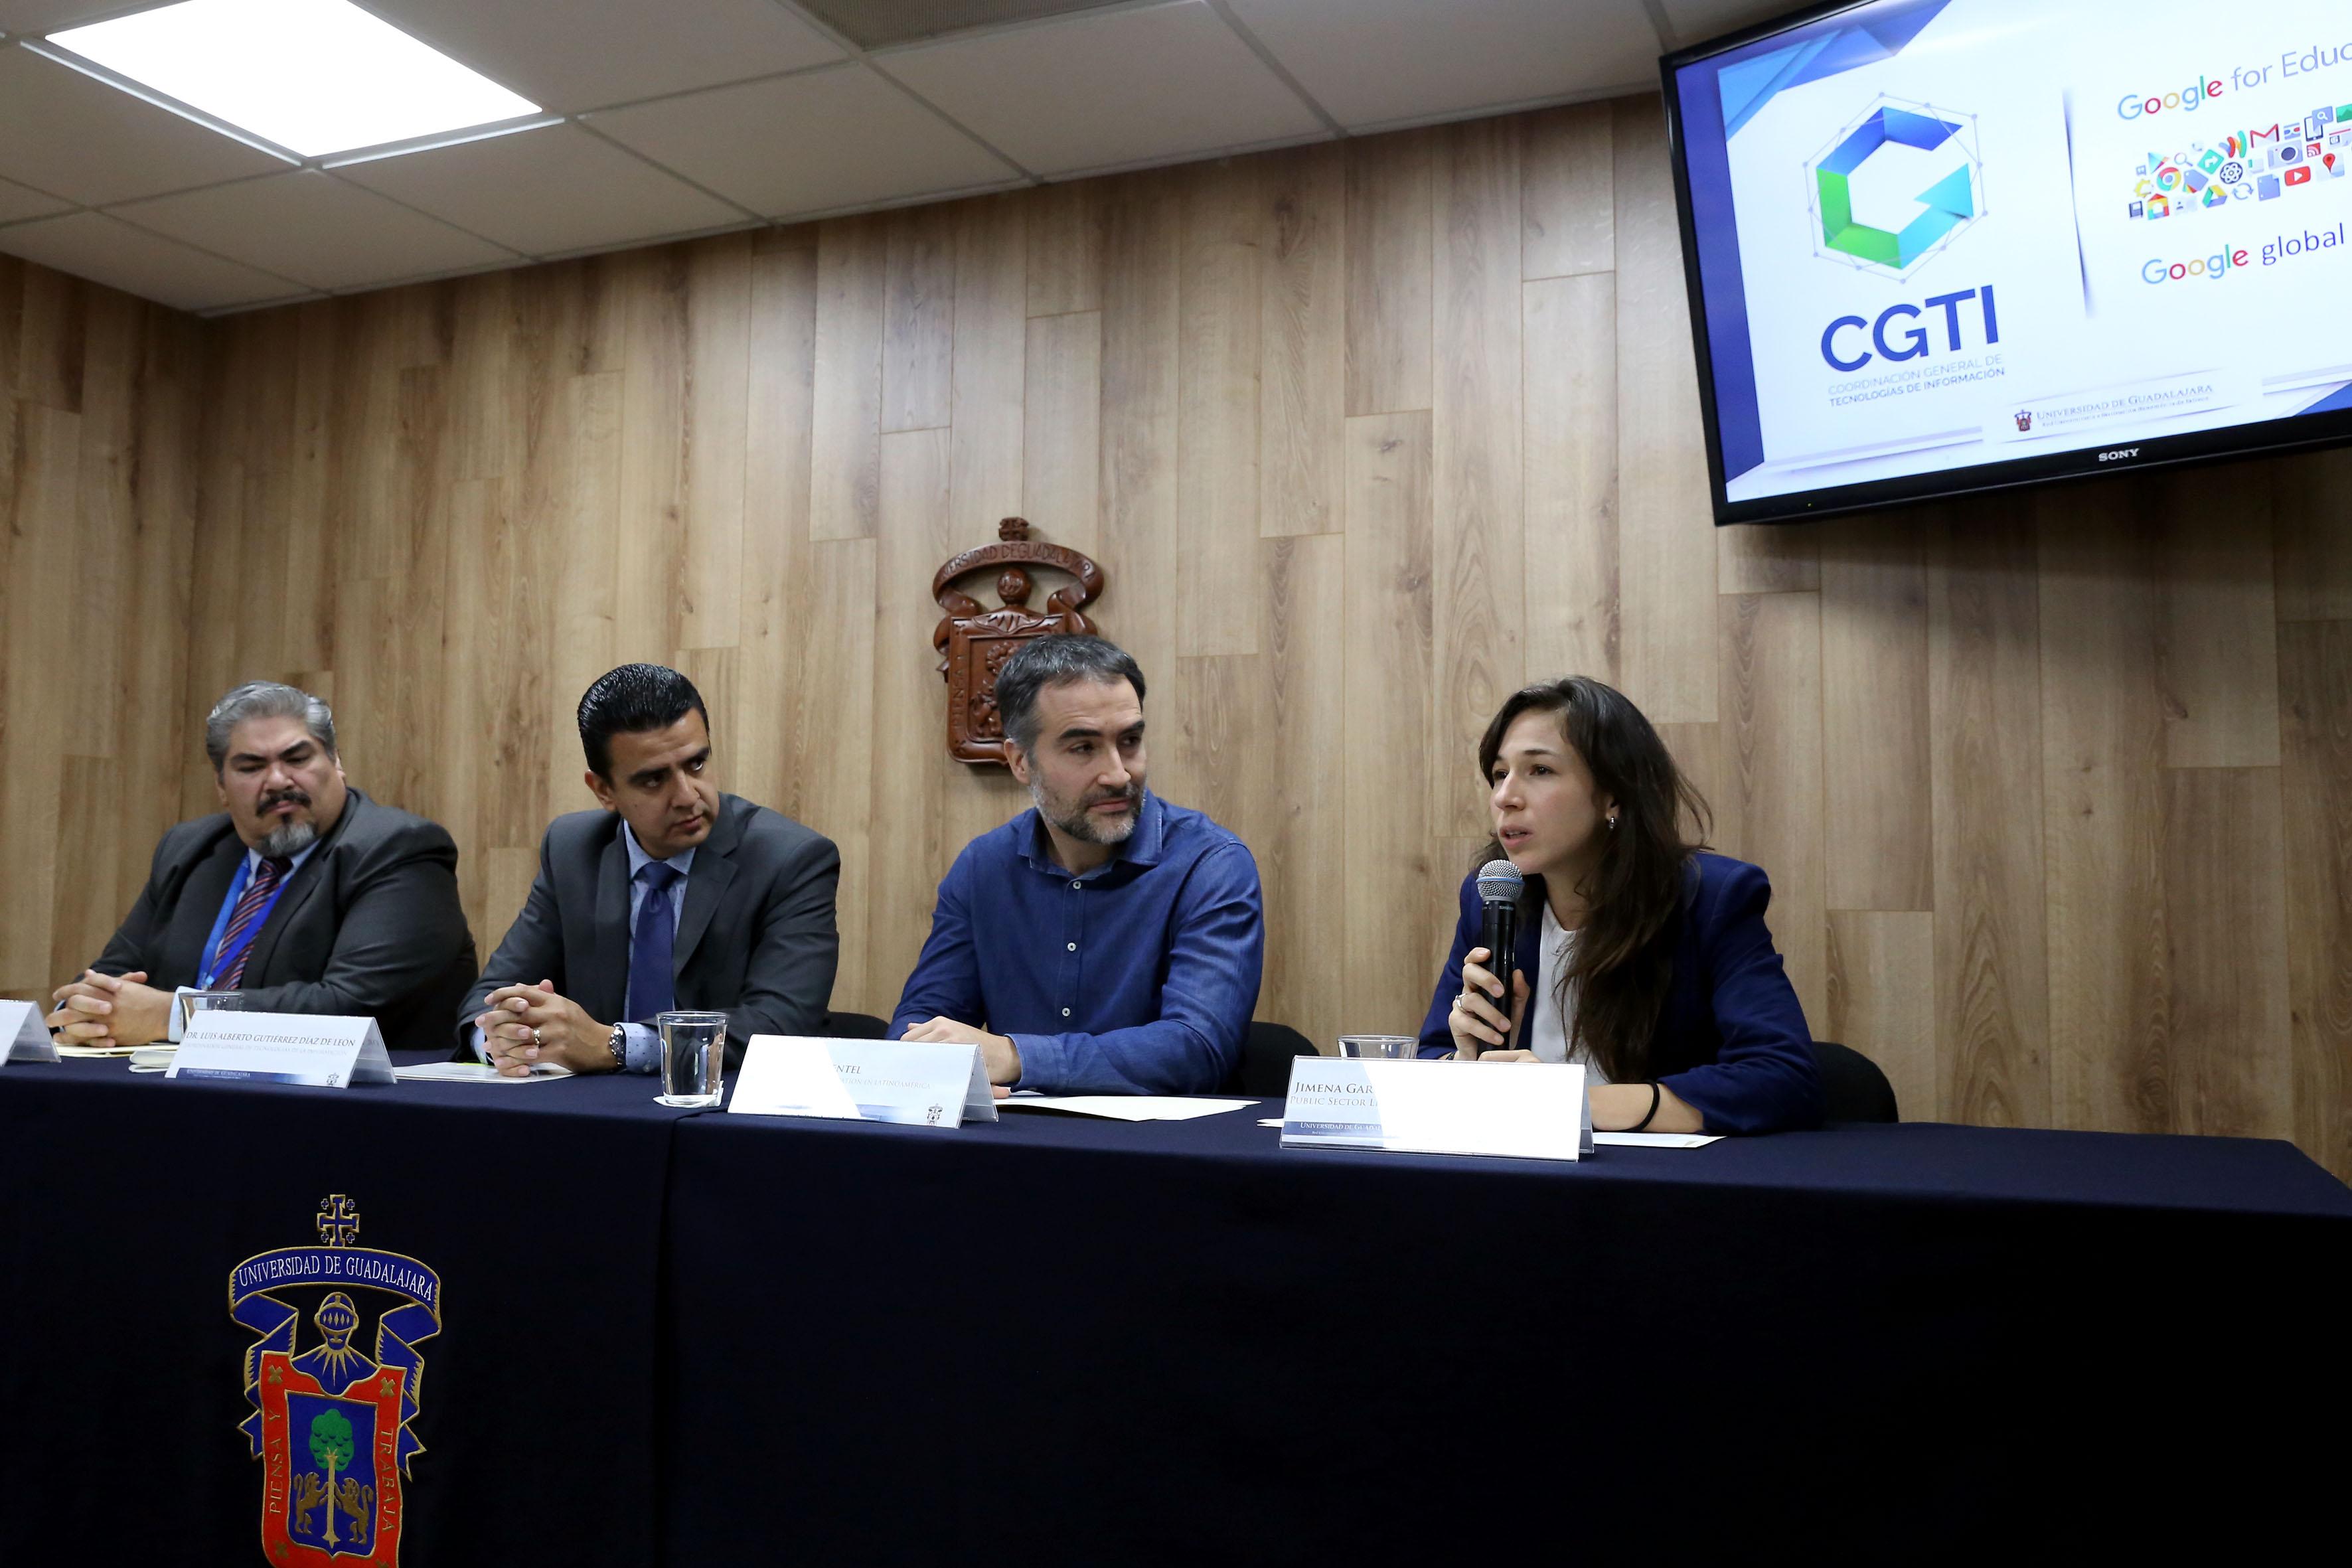 La especialista Jimena García, con micrófono en mano, haciendo uso de la palabra, durante rueda de prensa.